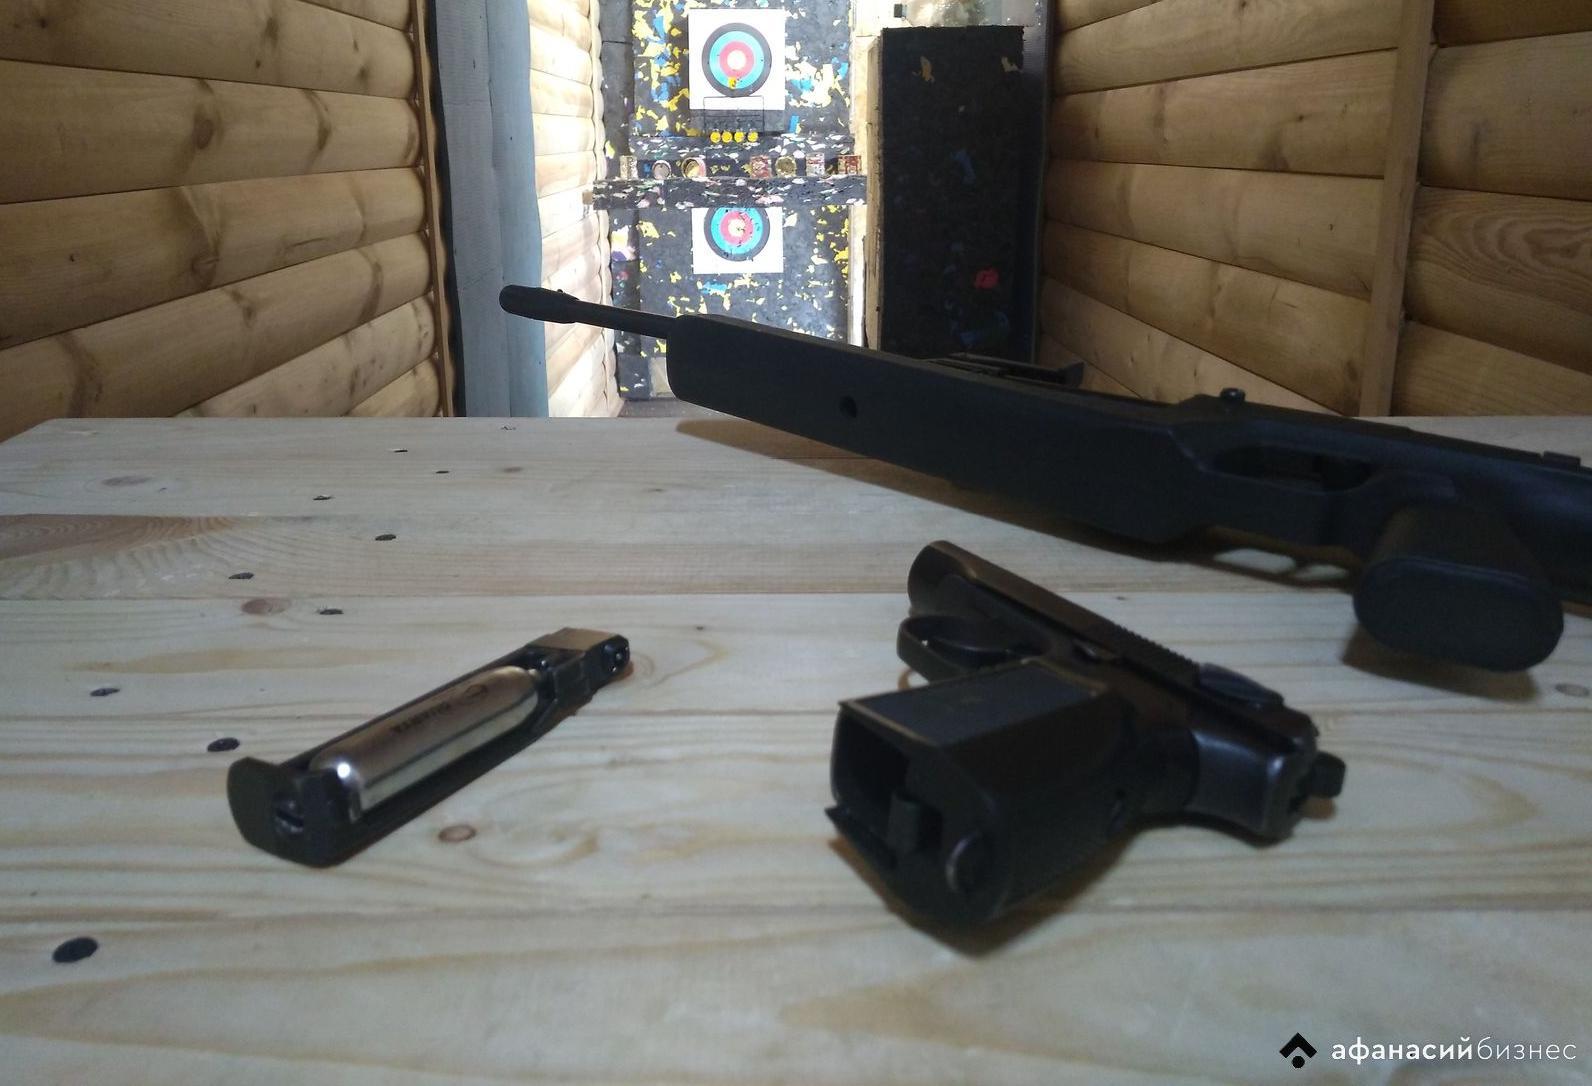 В Госдуме предложили штрафовать за незаконное пневматическое и холодное оружие